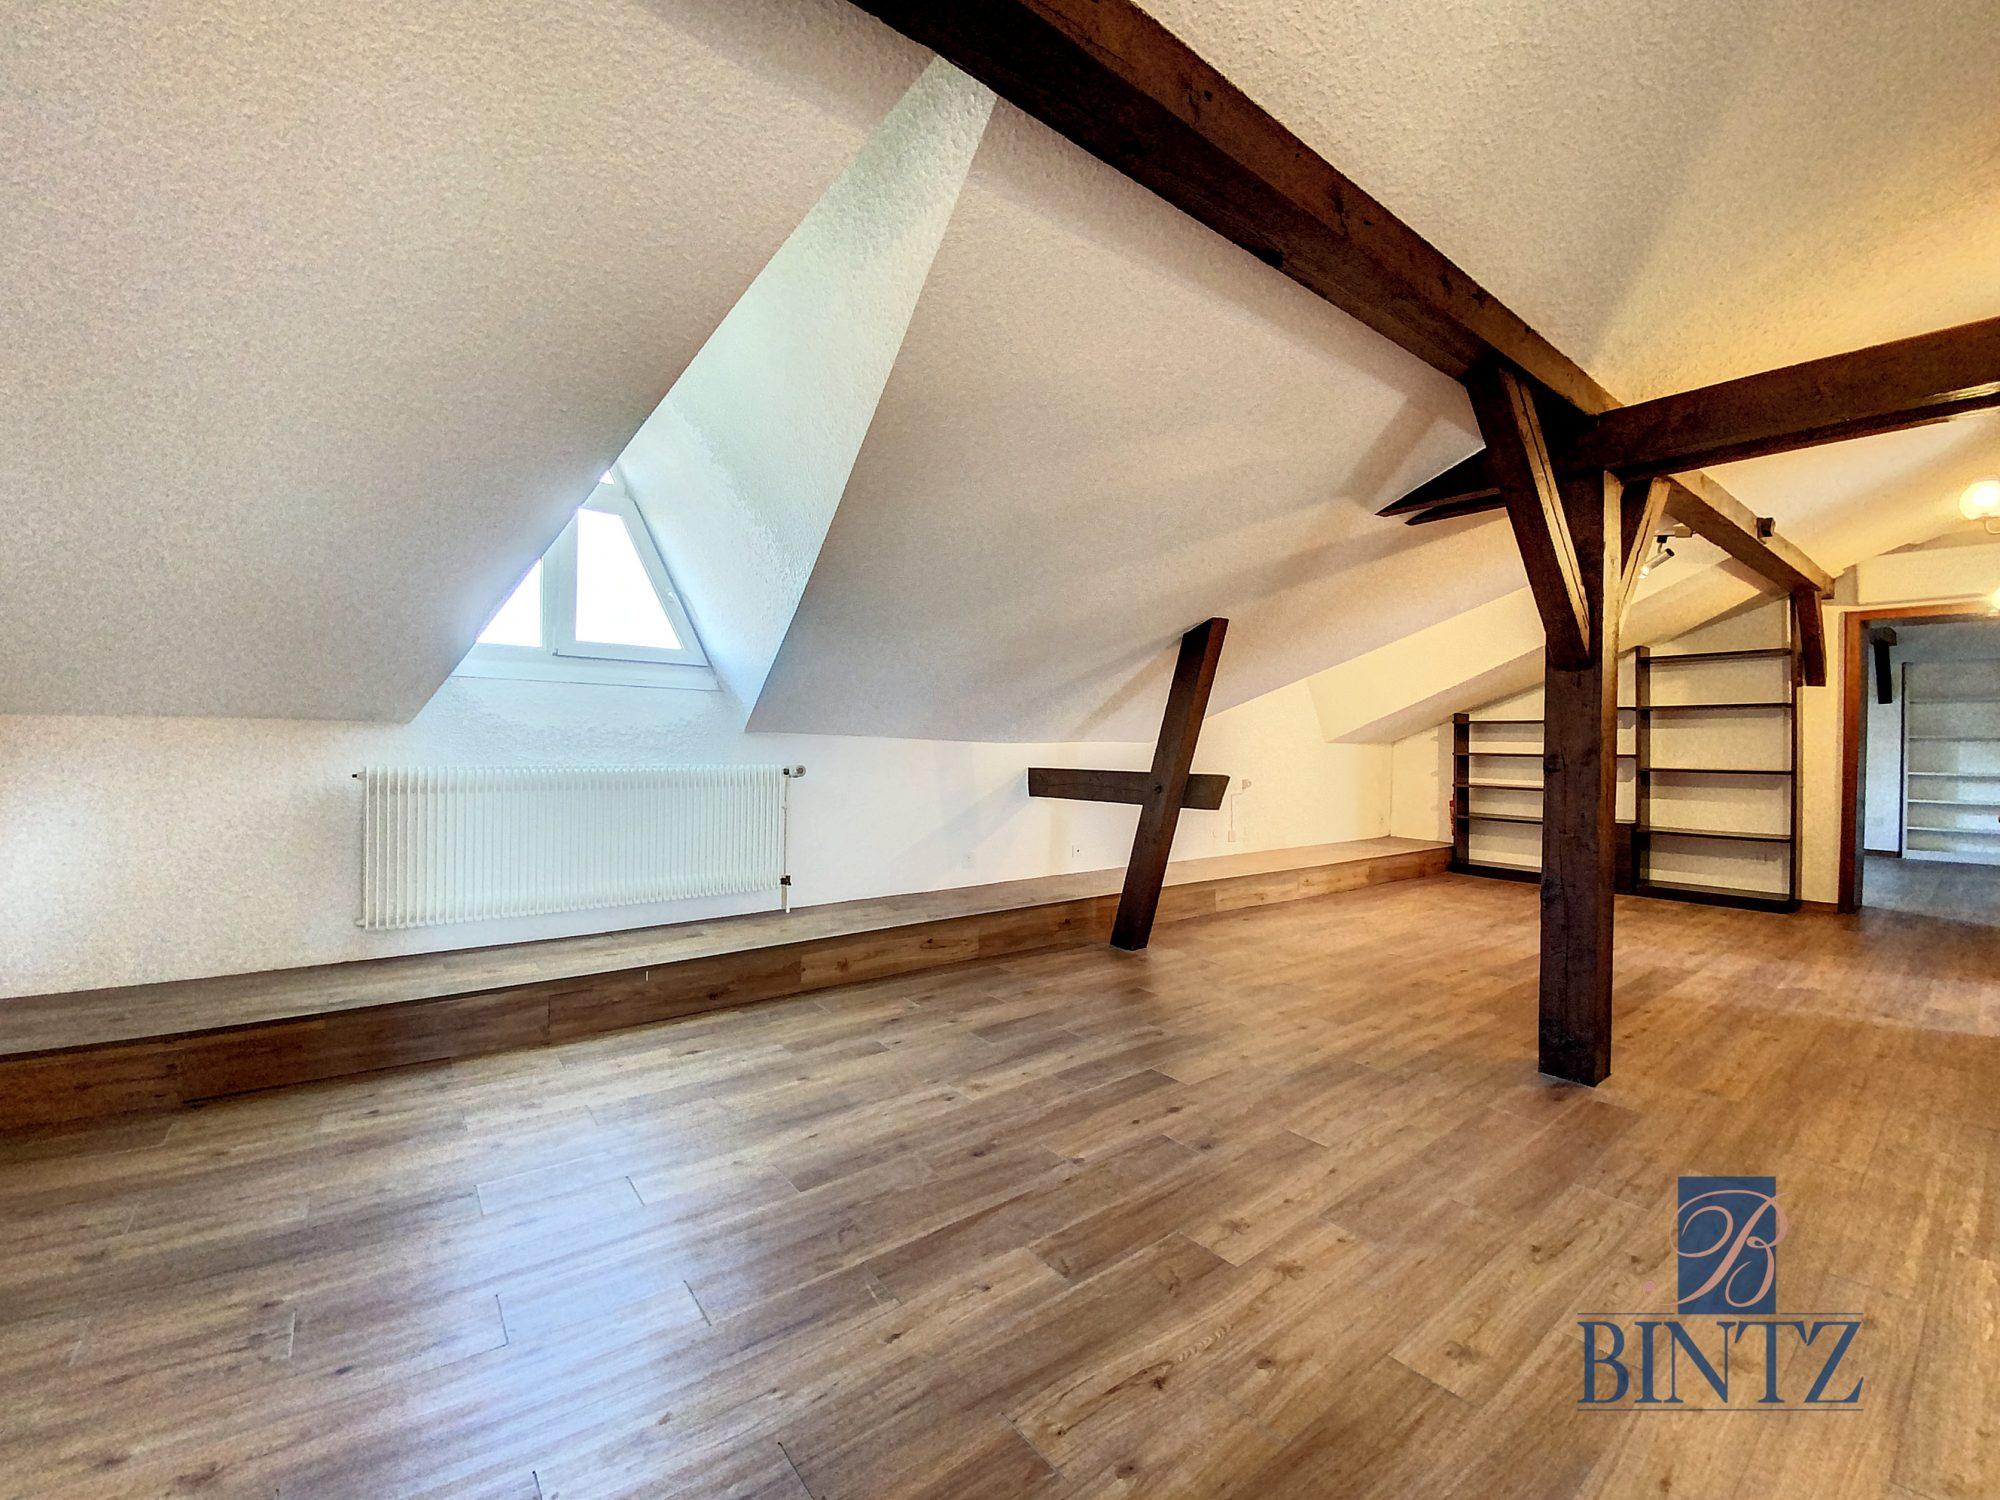 DUPLEX avec terrasse PLACE DE L'UNIVERSITÉ AVEC TERRASSE - Devenez locataire en toute sérénité - Bintz Immobilier - 17